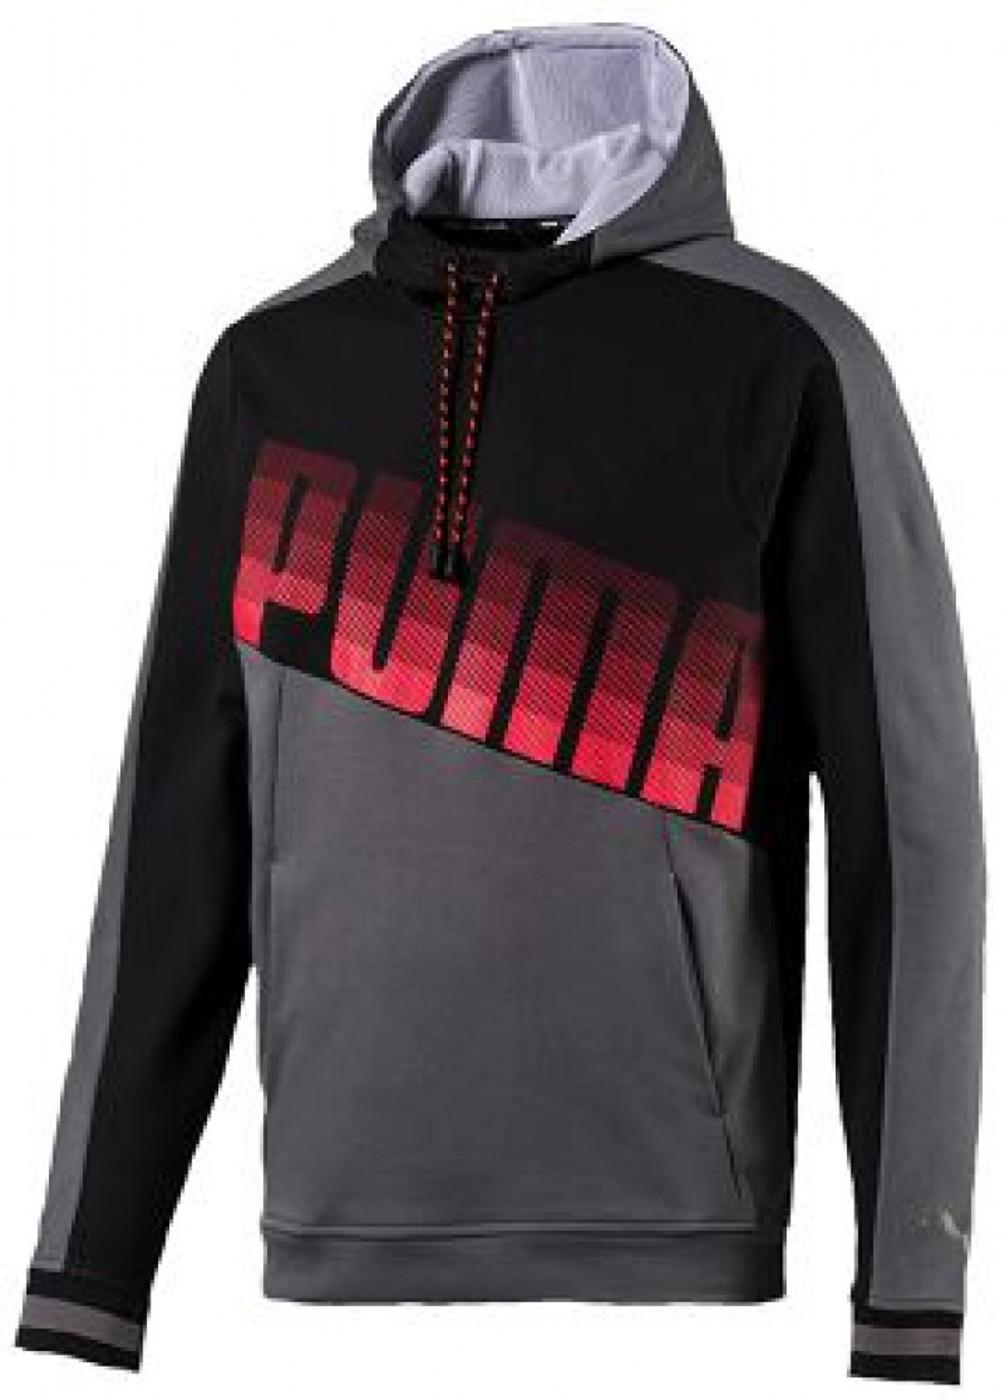 PUMA Collective Hoodie - Herren